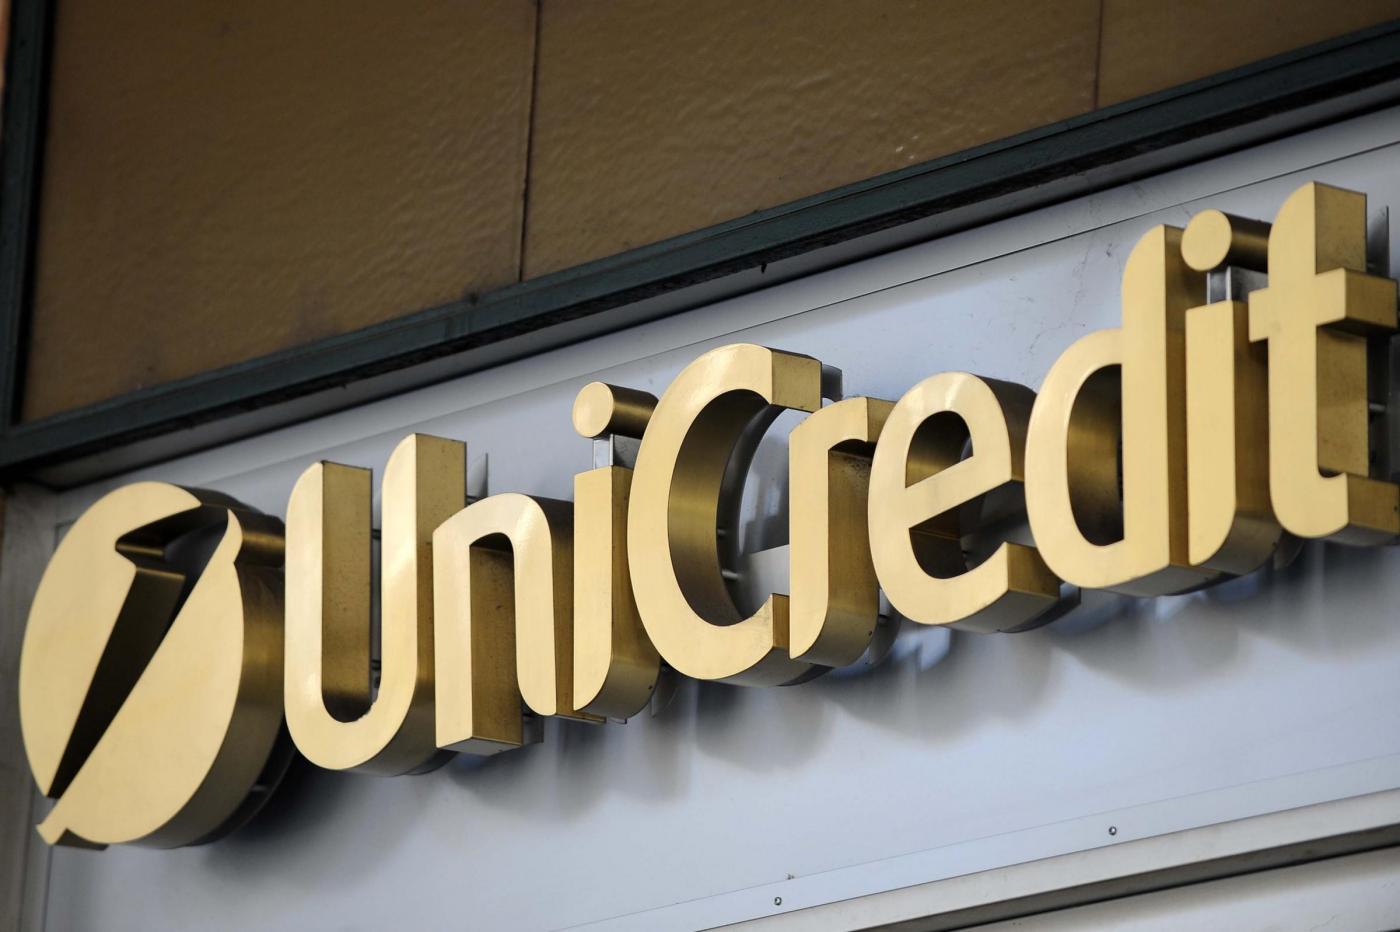 Prestiti Personali UniCredit 2017: preventivo online, calcolo rata, tassi e opinioni - Corretta ...